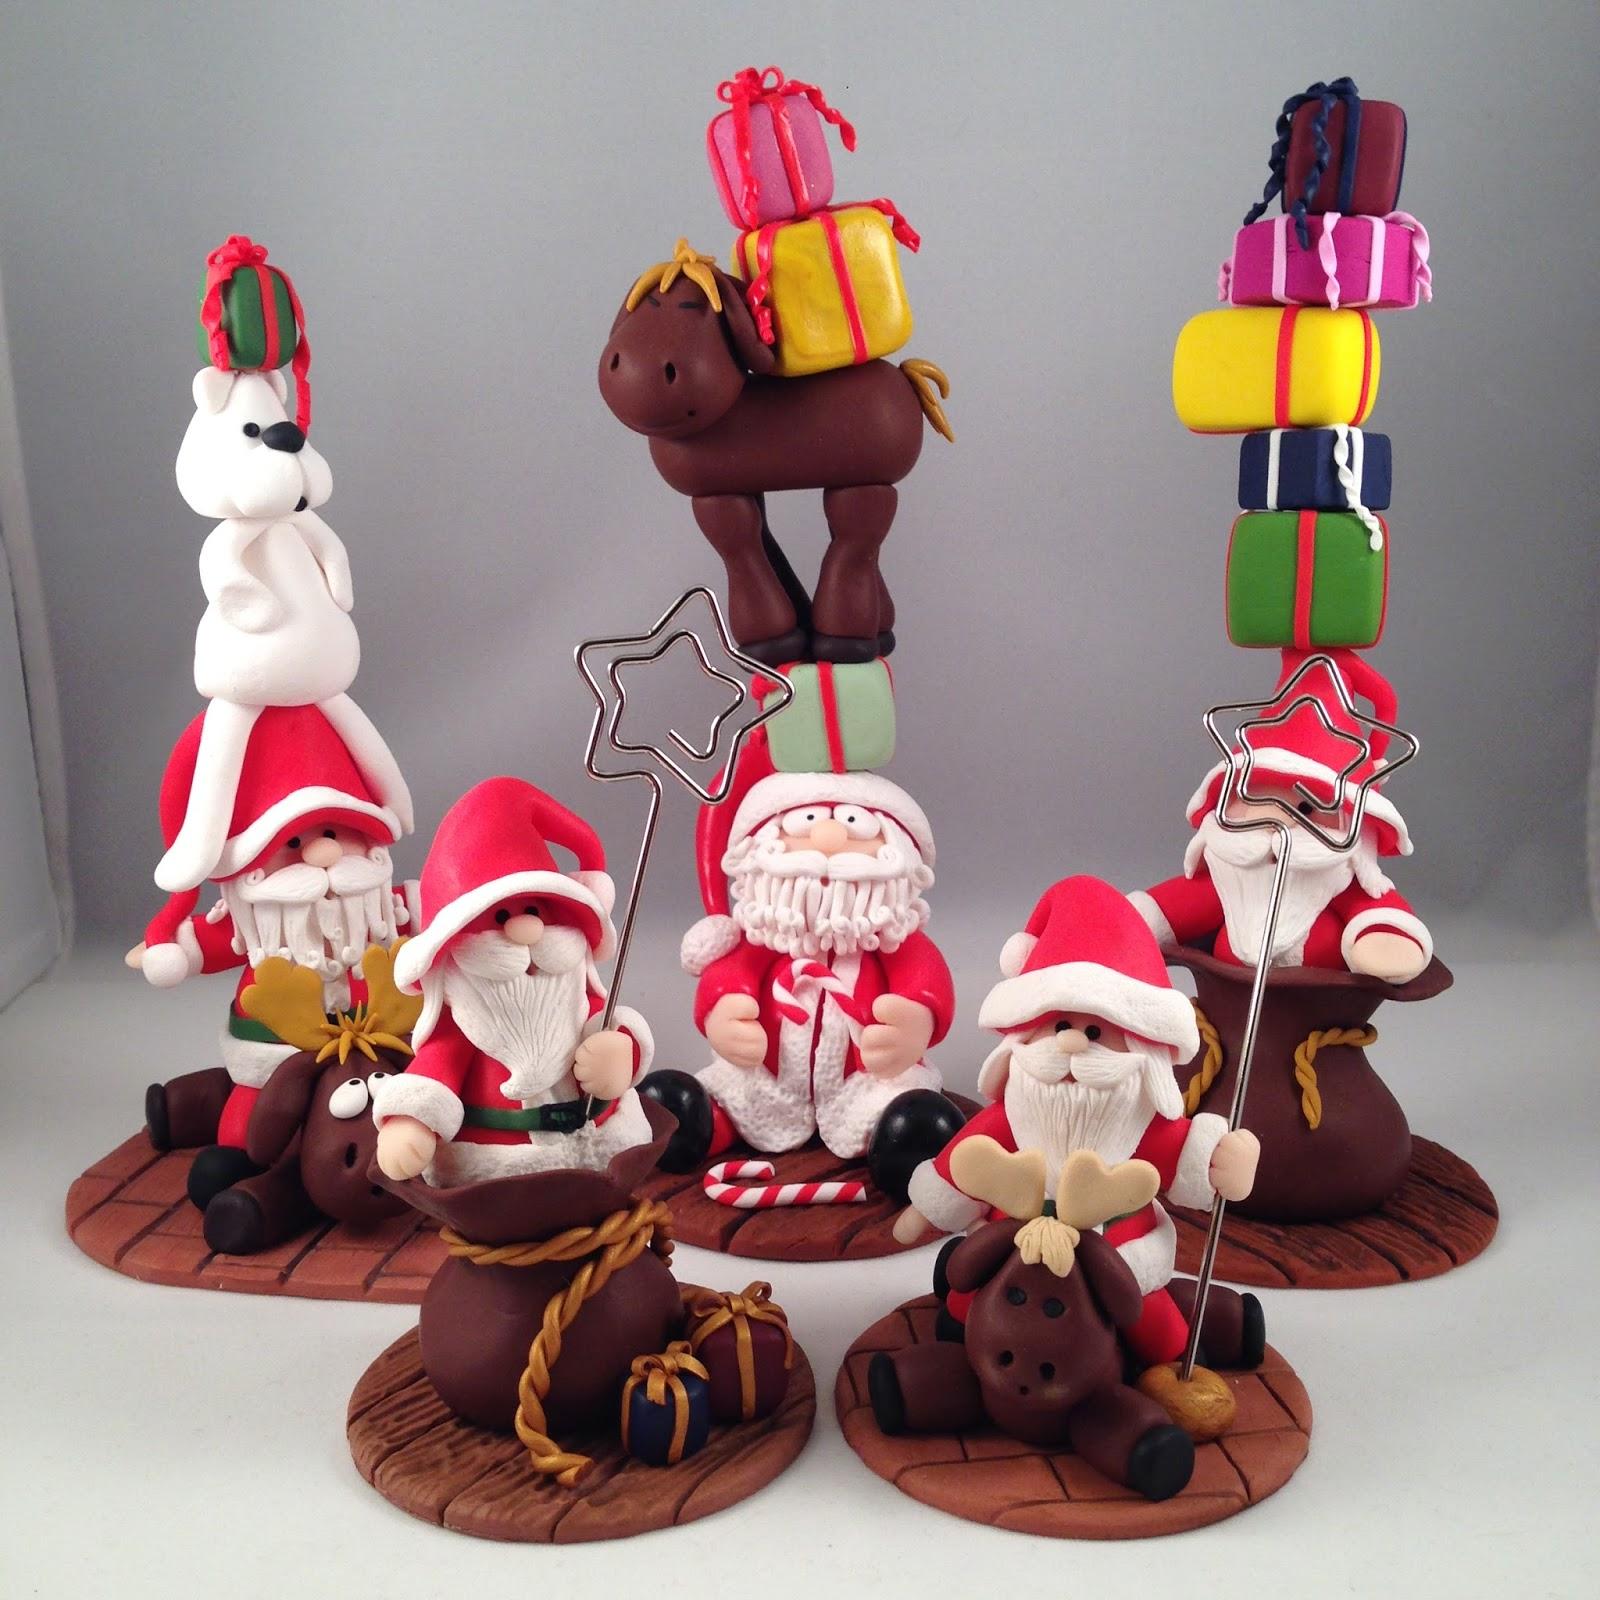 Conosciuto ilfilodelleidee: La banda dei Babbo Natale in fimo IH11